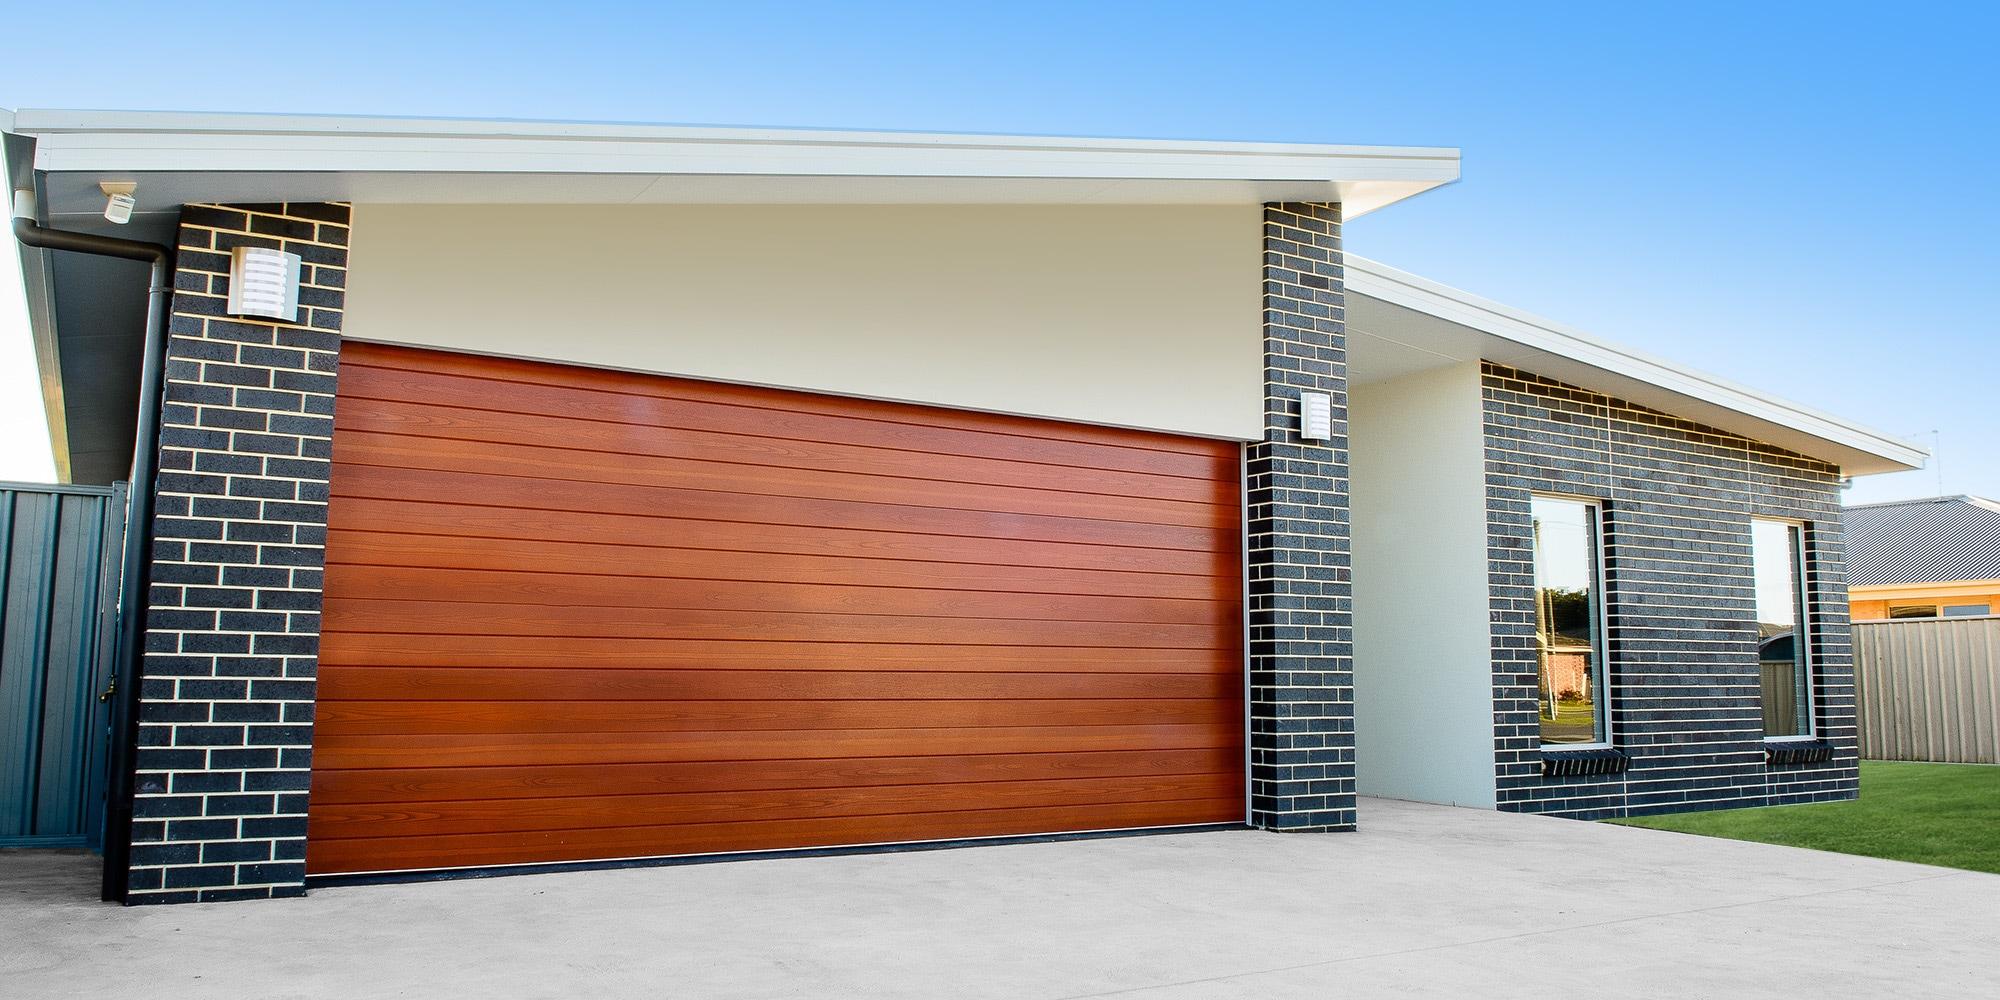 107-Garage-Door-Solutions050